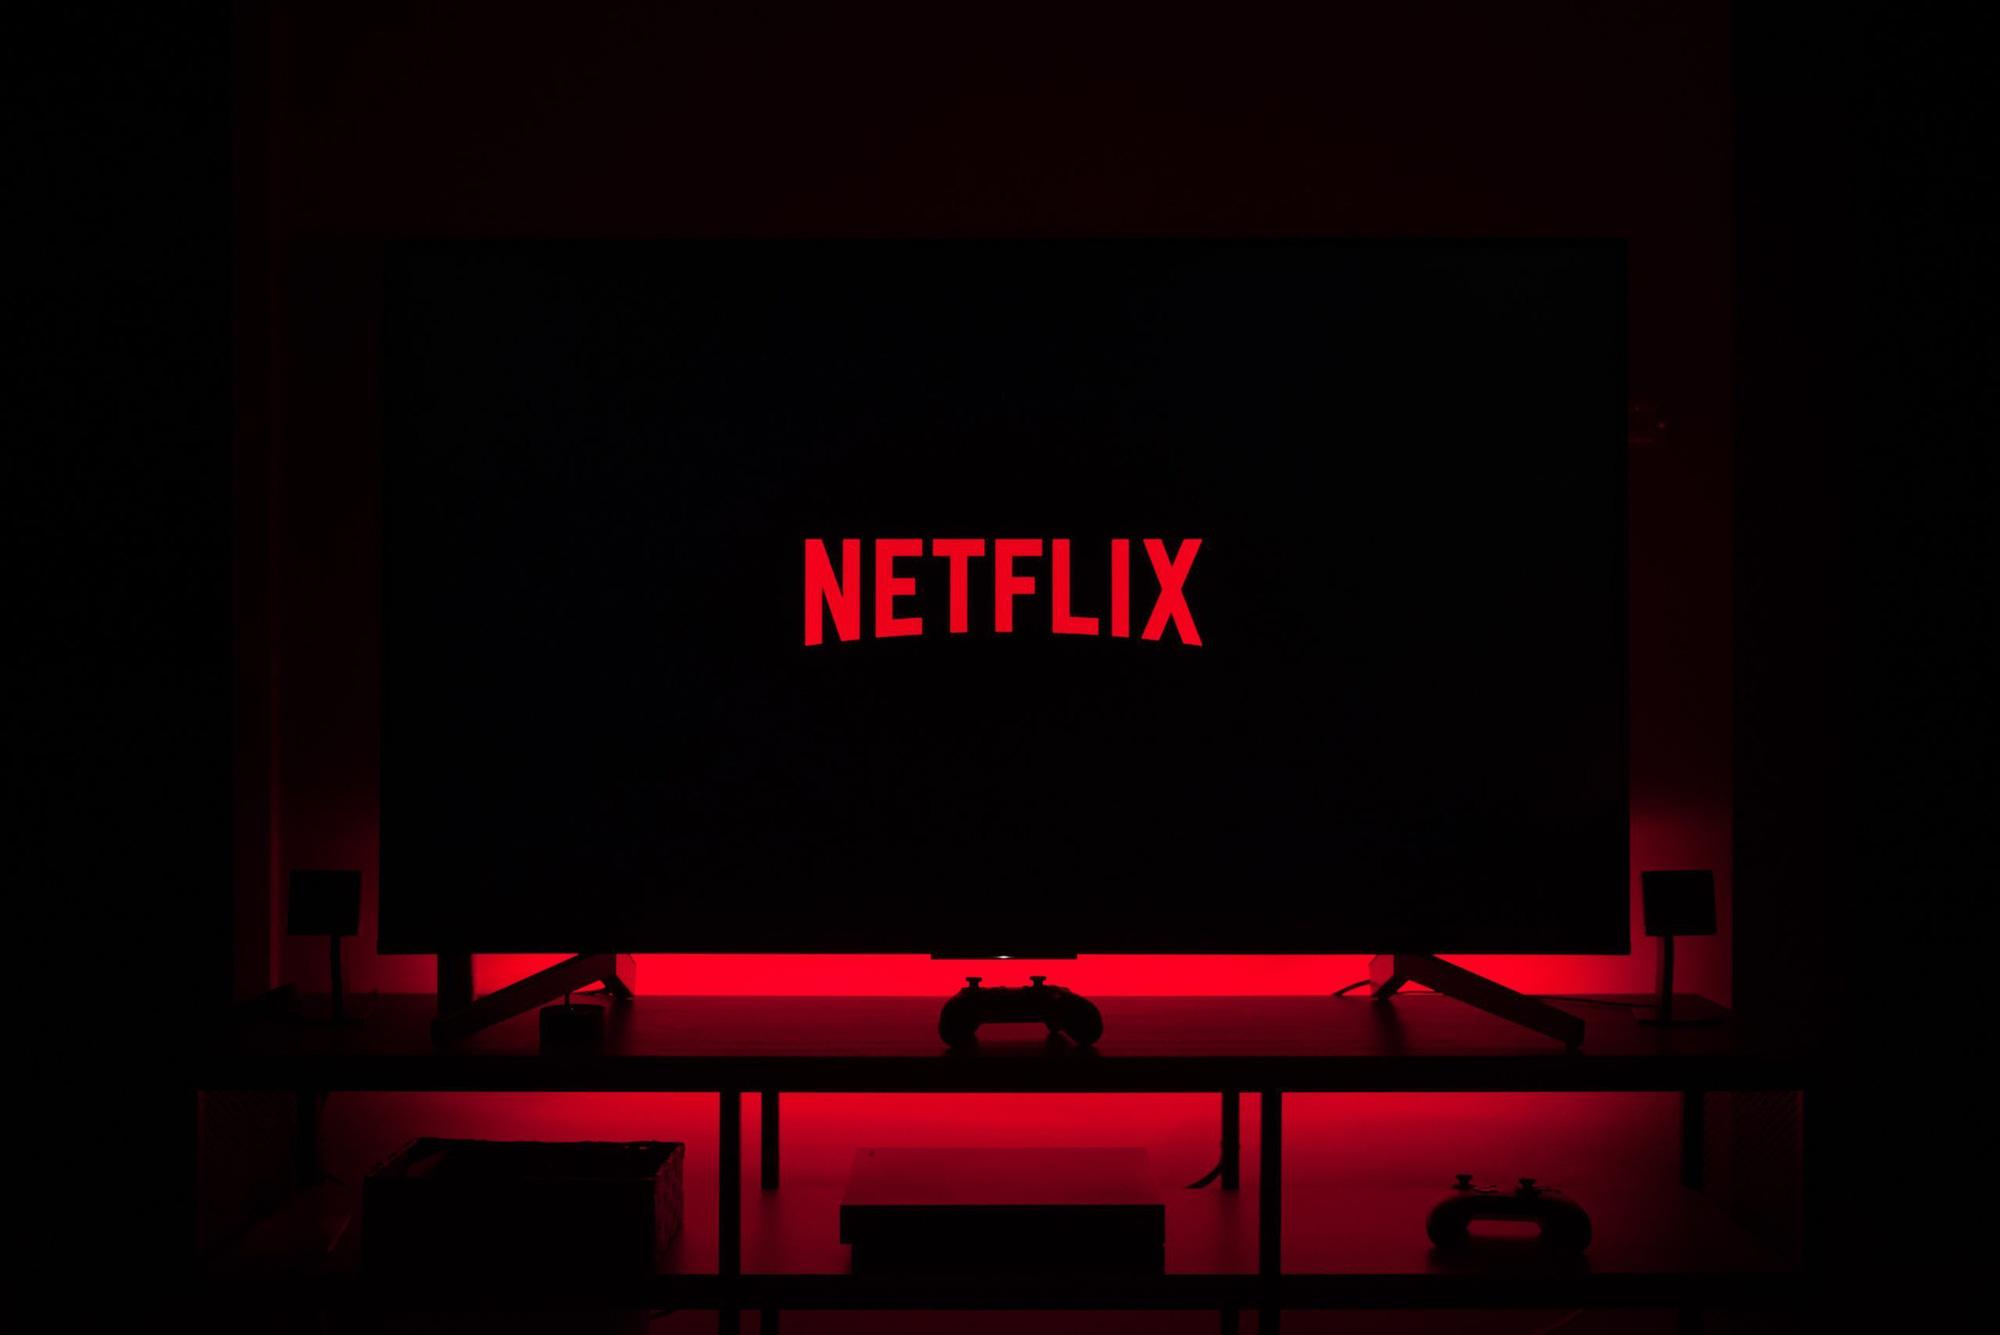 Liệu có thể xử lí vi phạm pháp luật của Netflix - Ảnh 1.